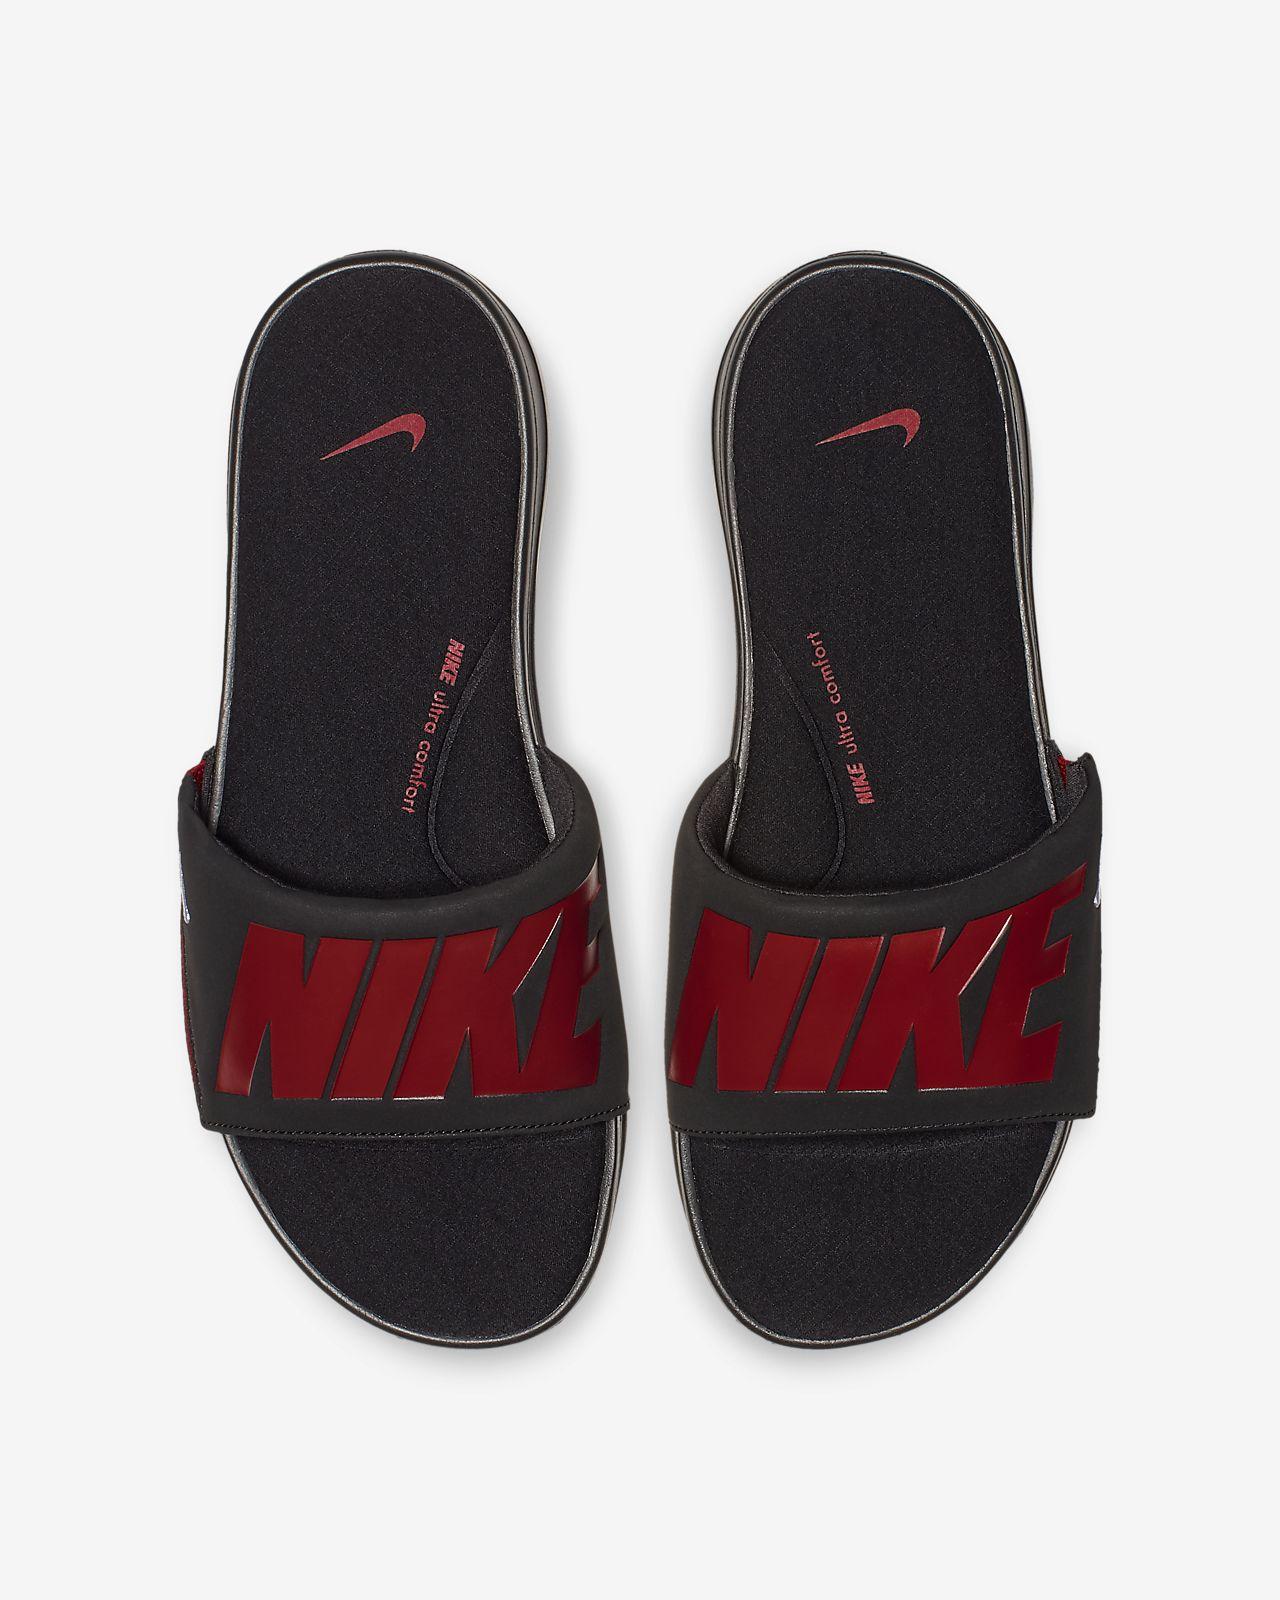 e982e1d69c9d3e Nike Ultra Comfort 3 Men s Slide. Nike.com